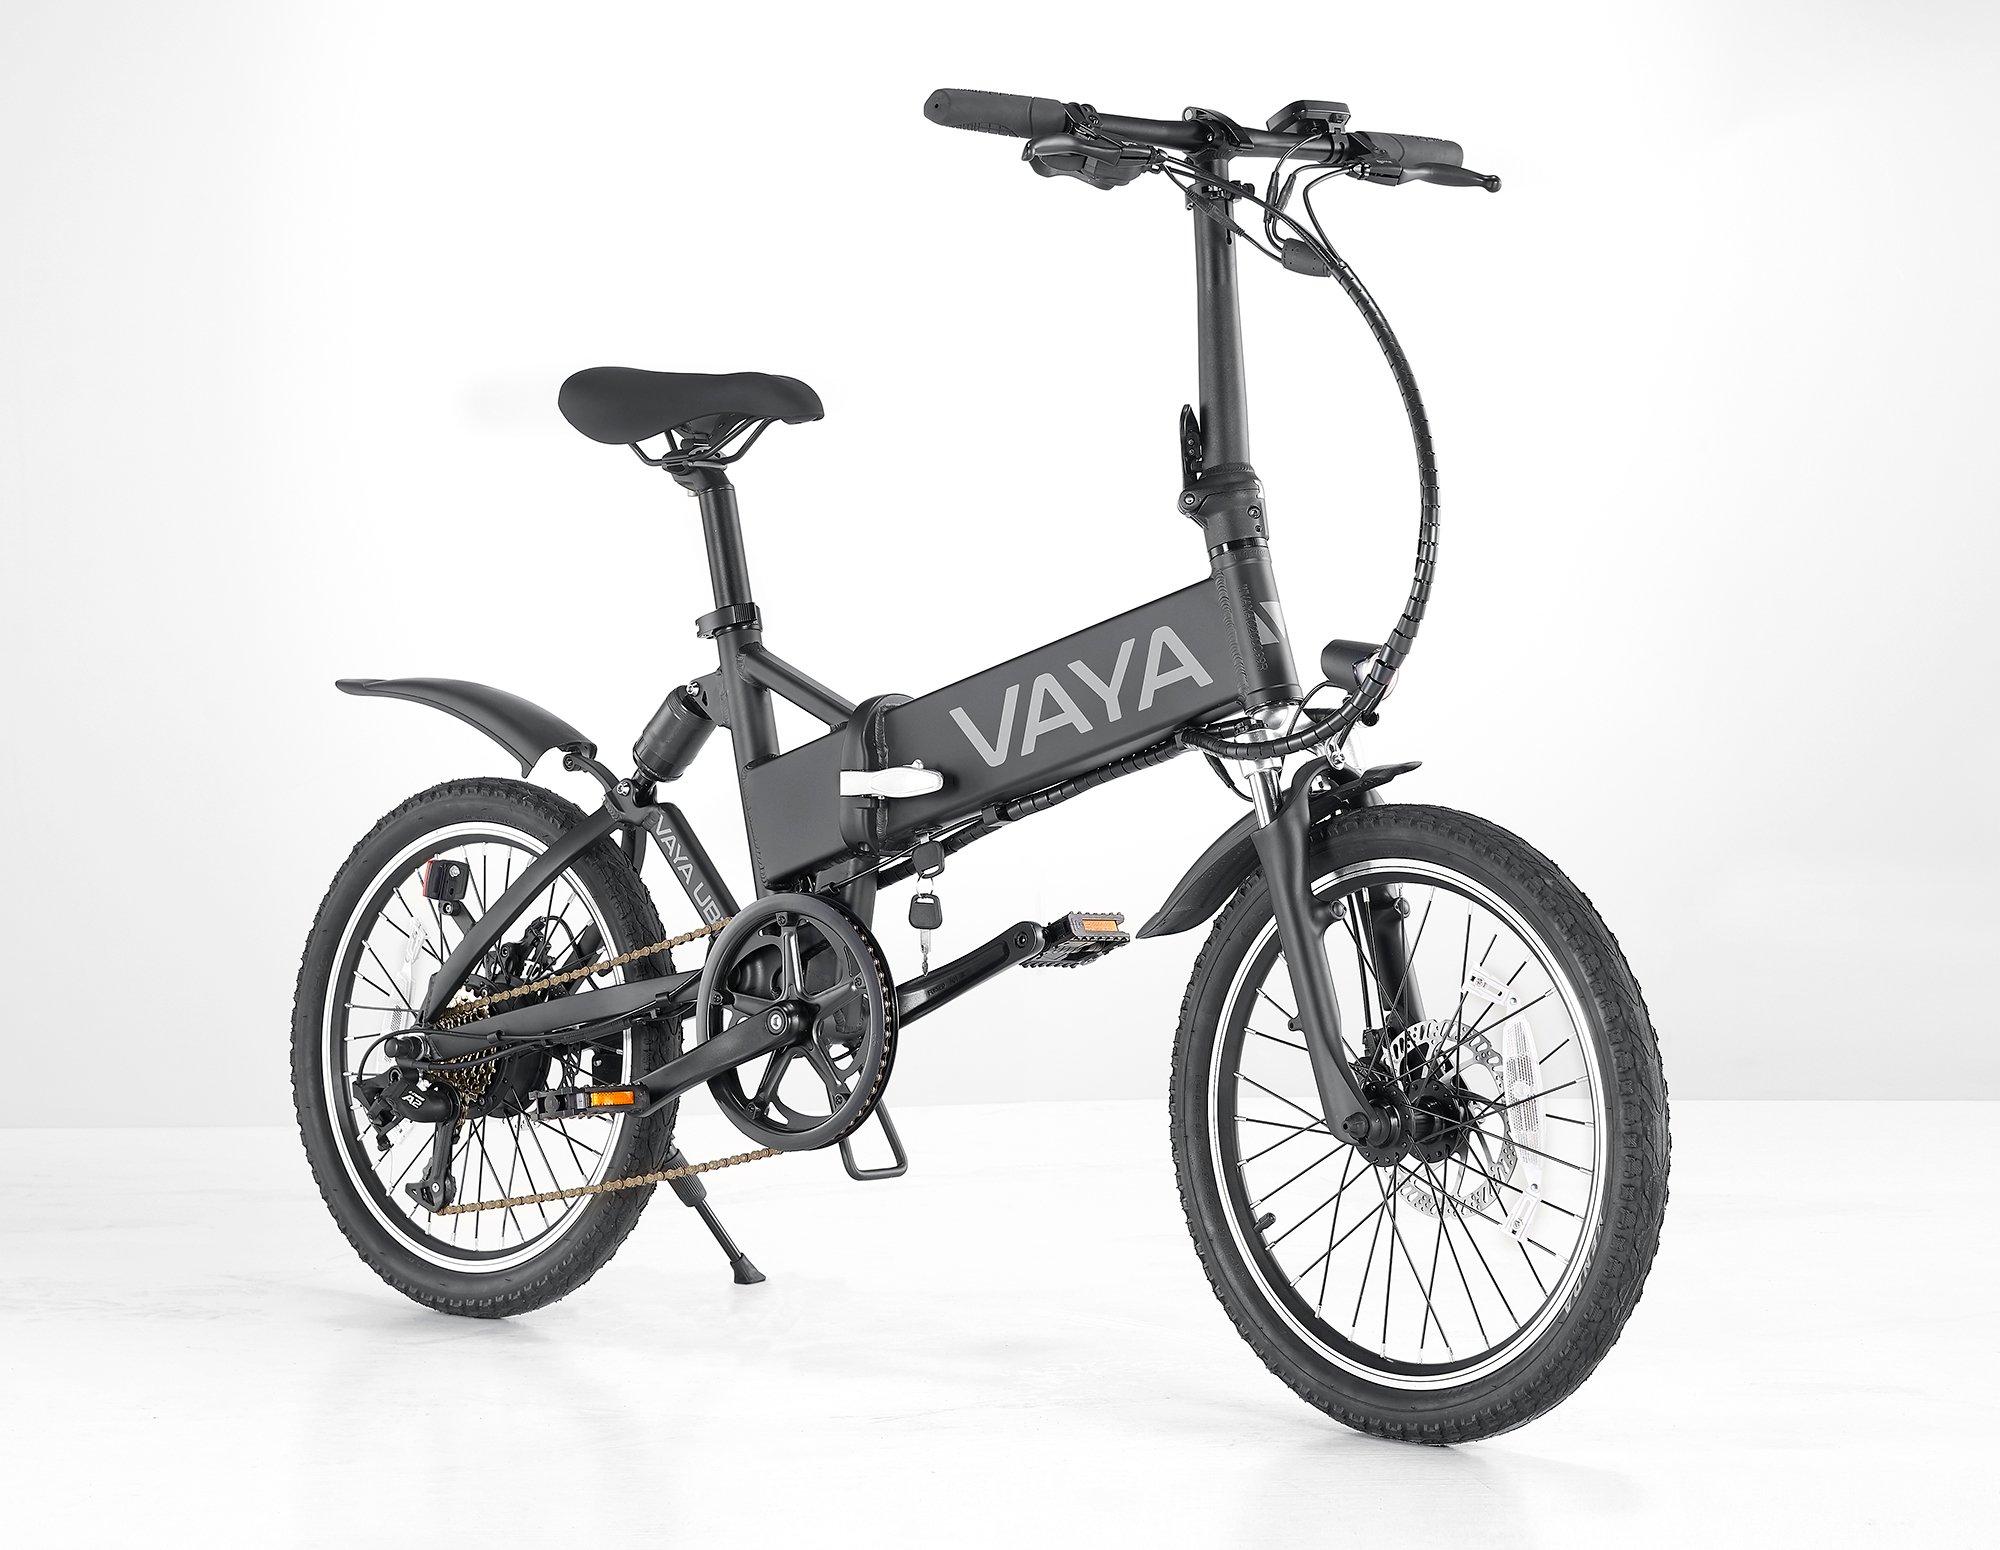 Vaya - Urban E-Bike UB-1 - Electric Bike - Black (1643BL)